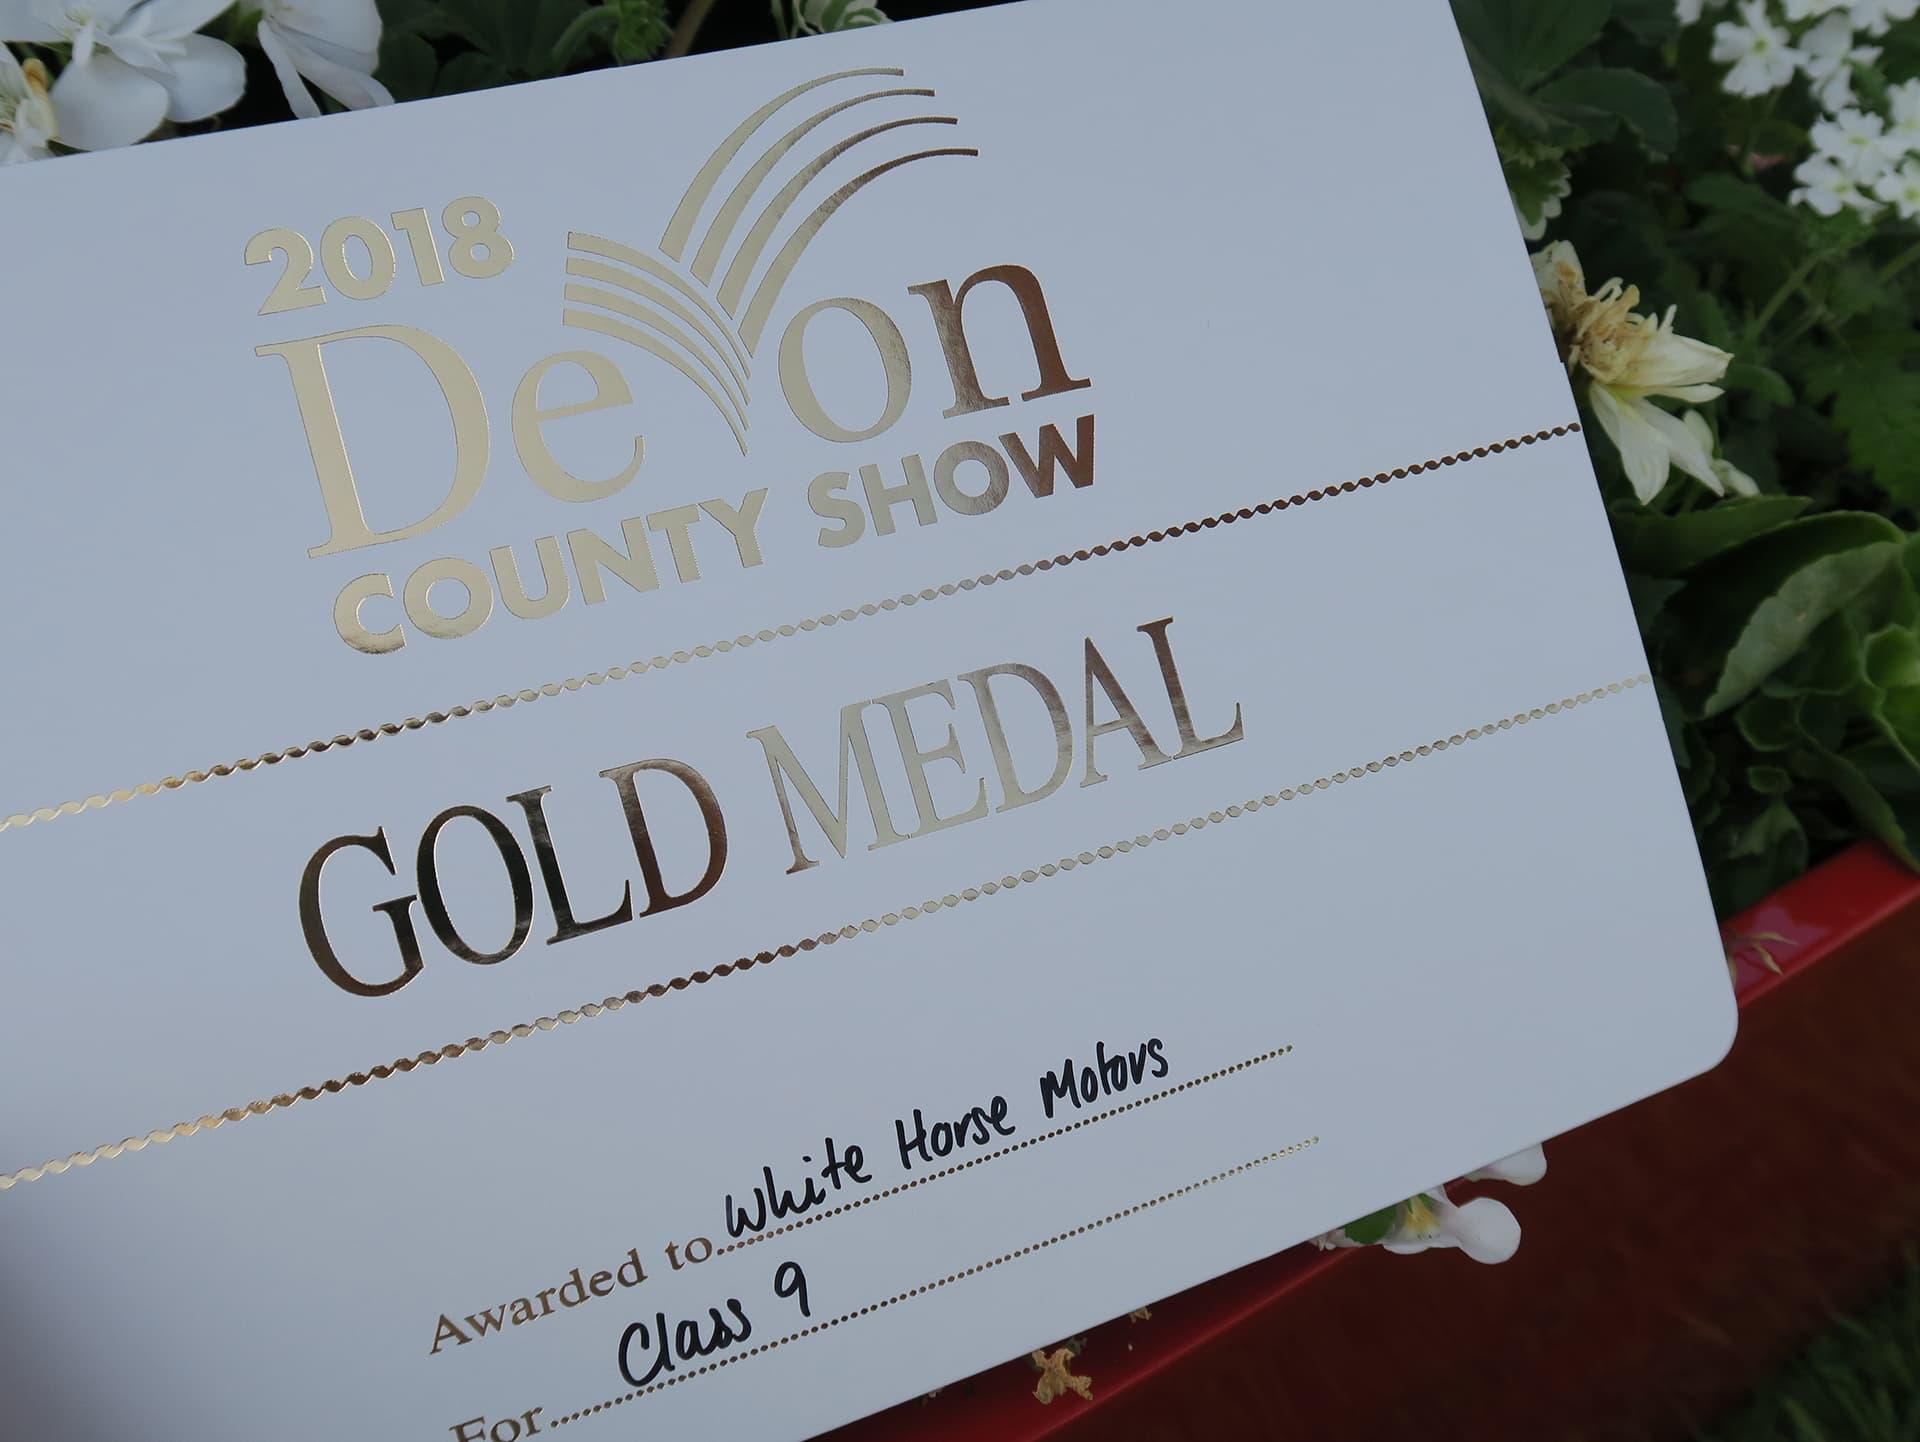 Devon County Show | White Horse Motors